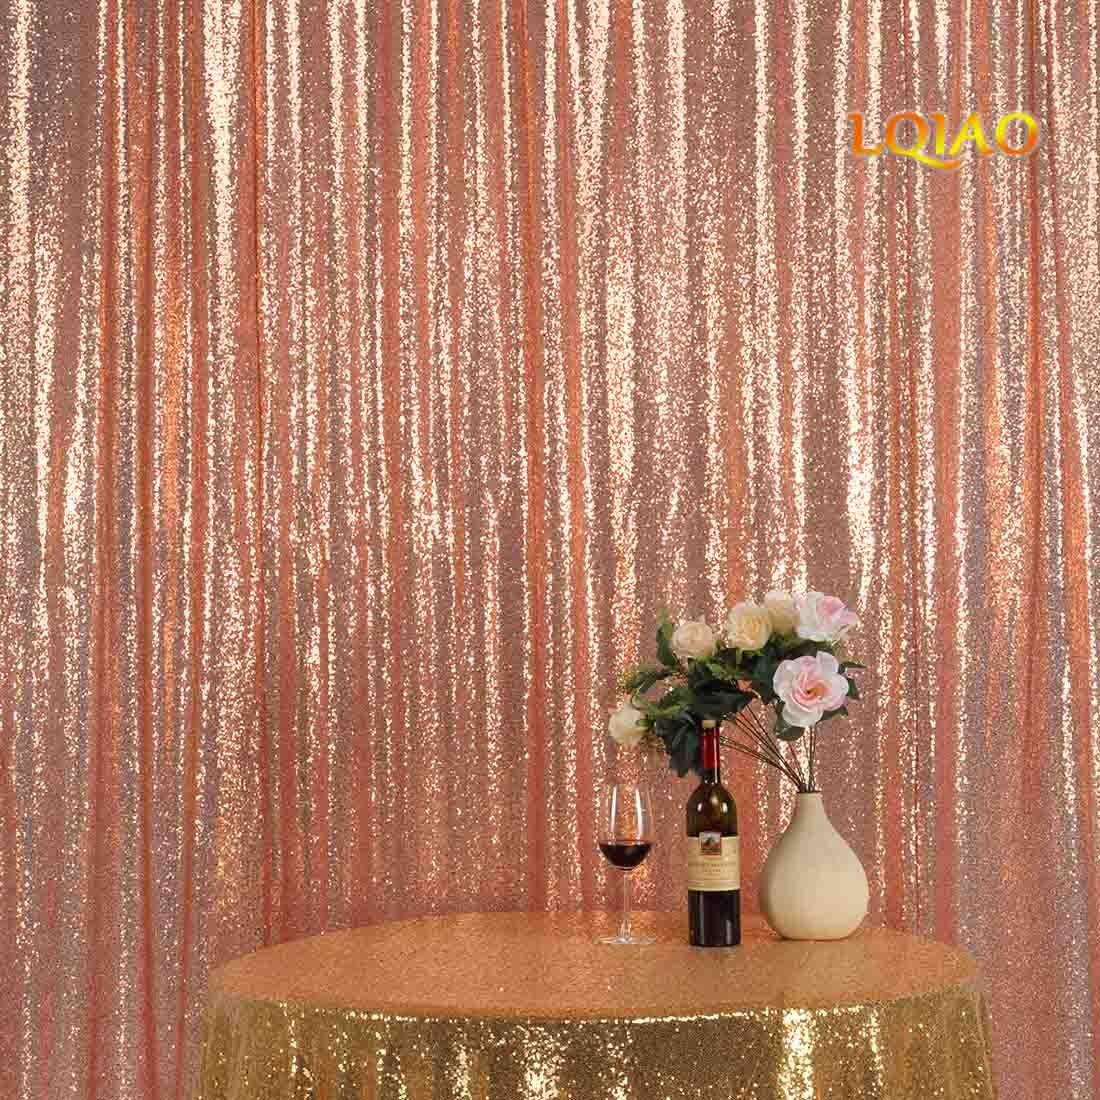 LQIAO 8x10フィート ローズゴールド スパンコール フォト背景 スパンコール 写真撮影用背景幕 結婚式/パーティー/ホーム/ベビーシャワー/誕生日装飾用   B07GPP7TR7